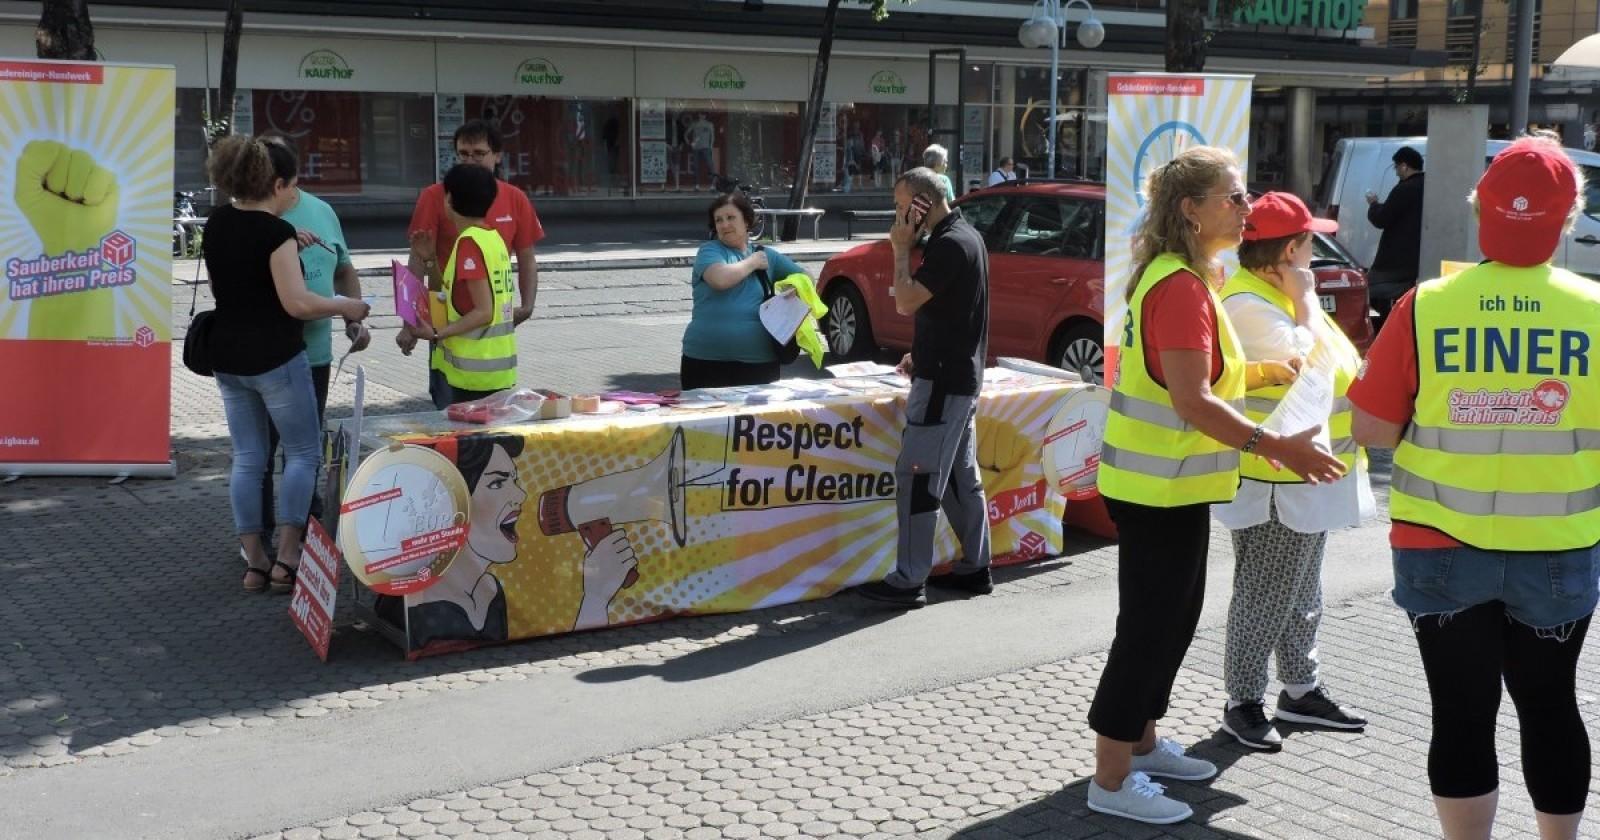 Gemeinsam kämpfen, gemeinsam feiern. Aktion in der Mannheimer Innenstadt.